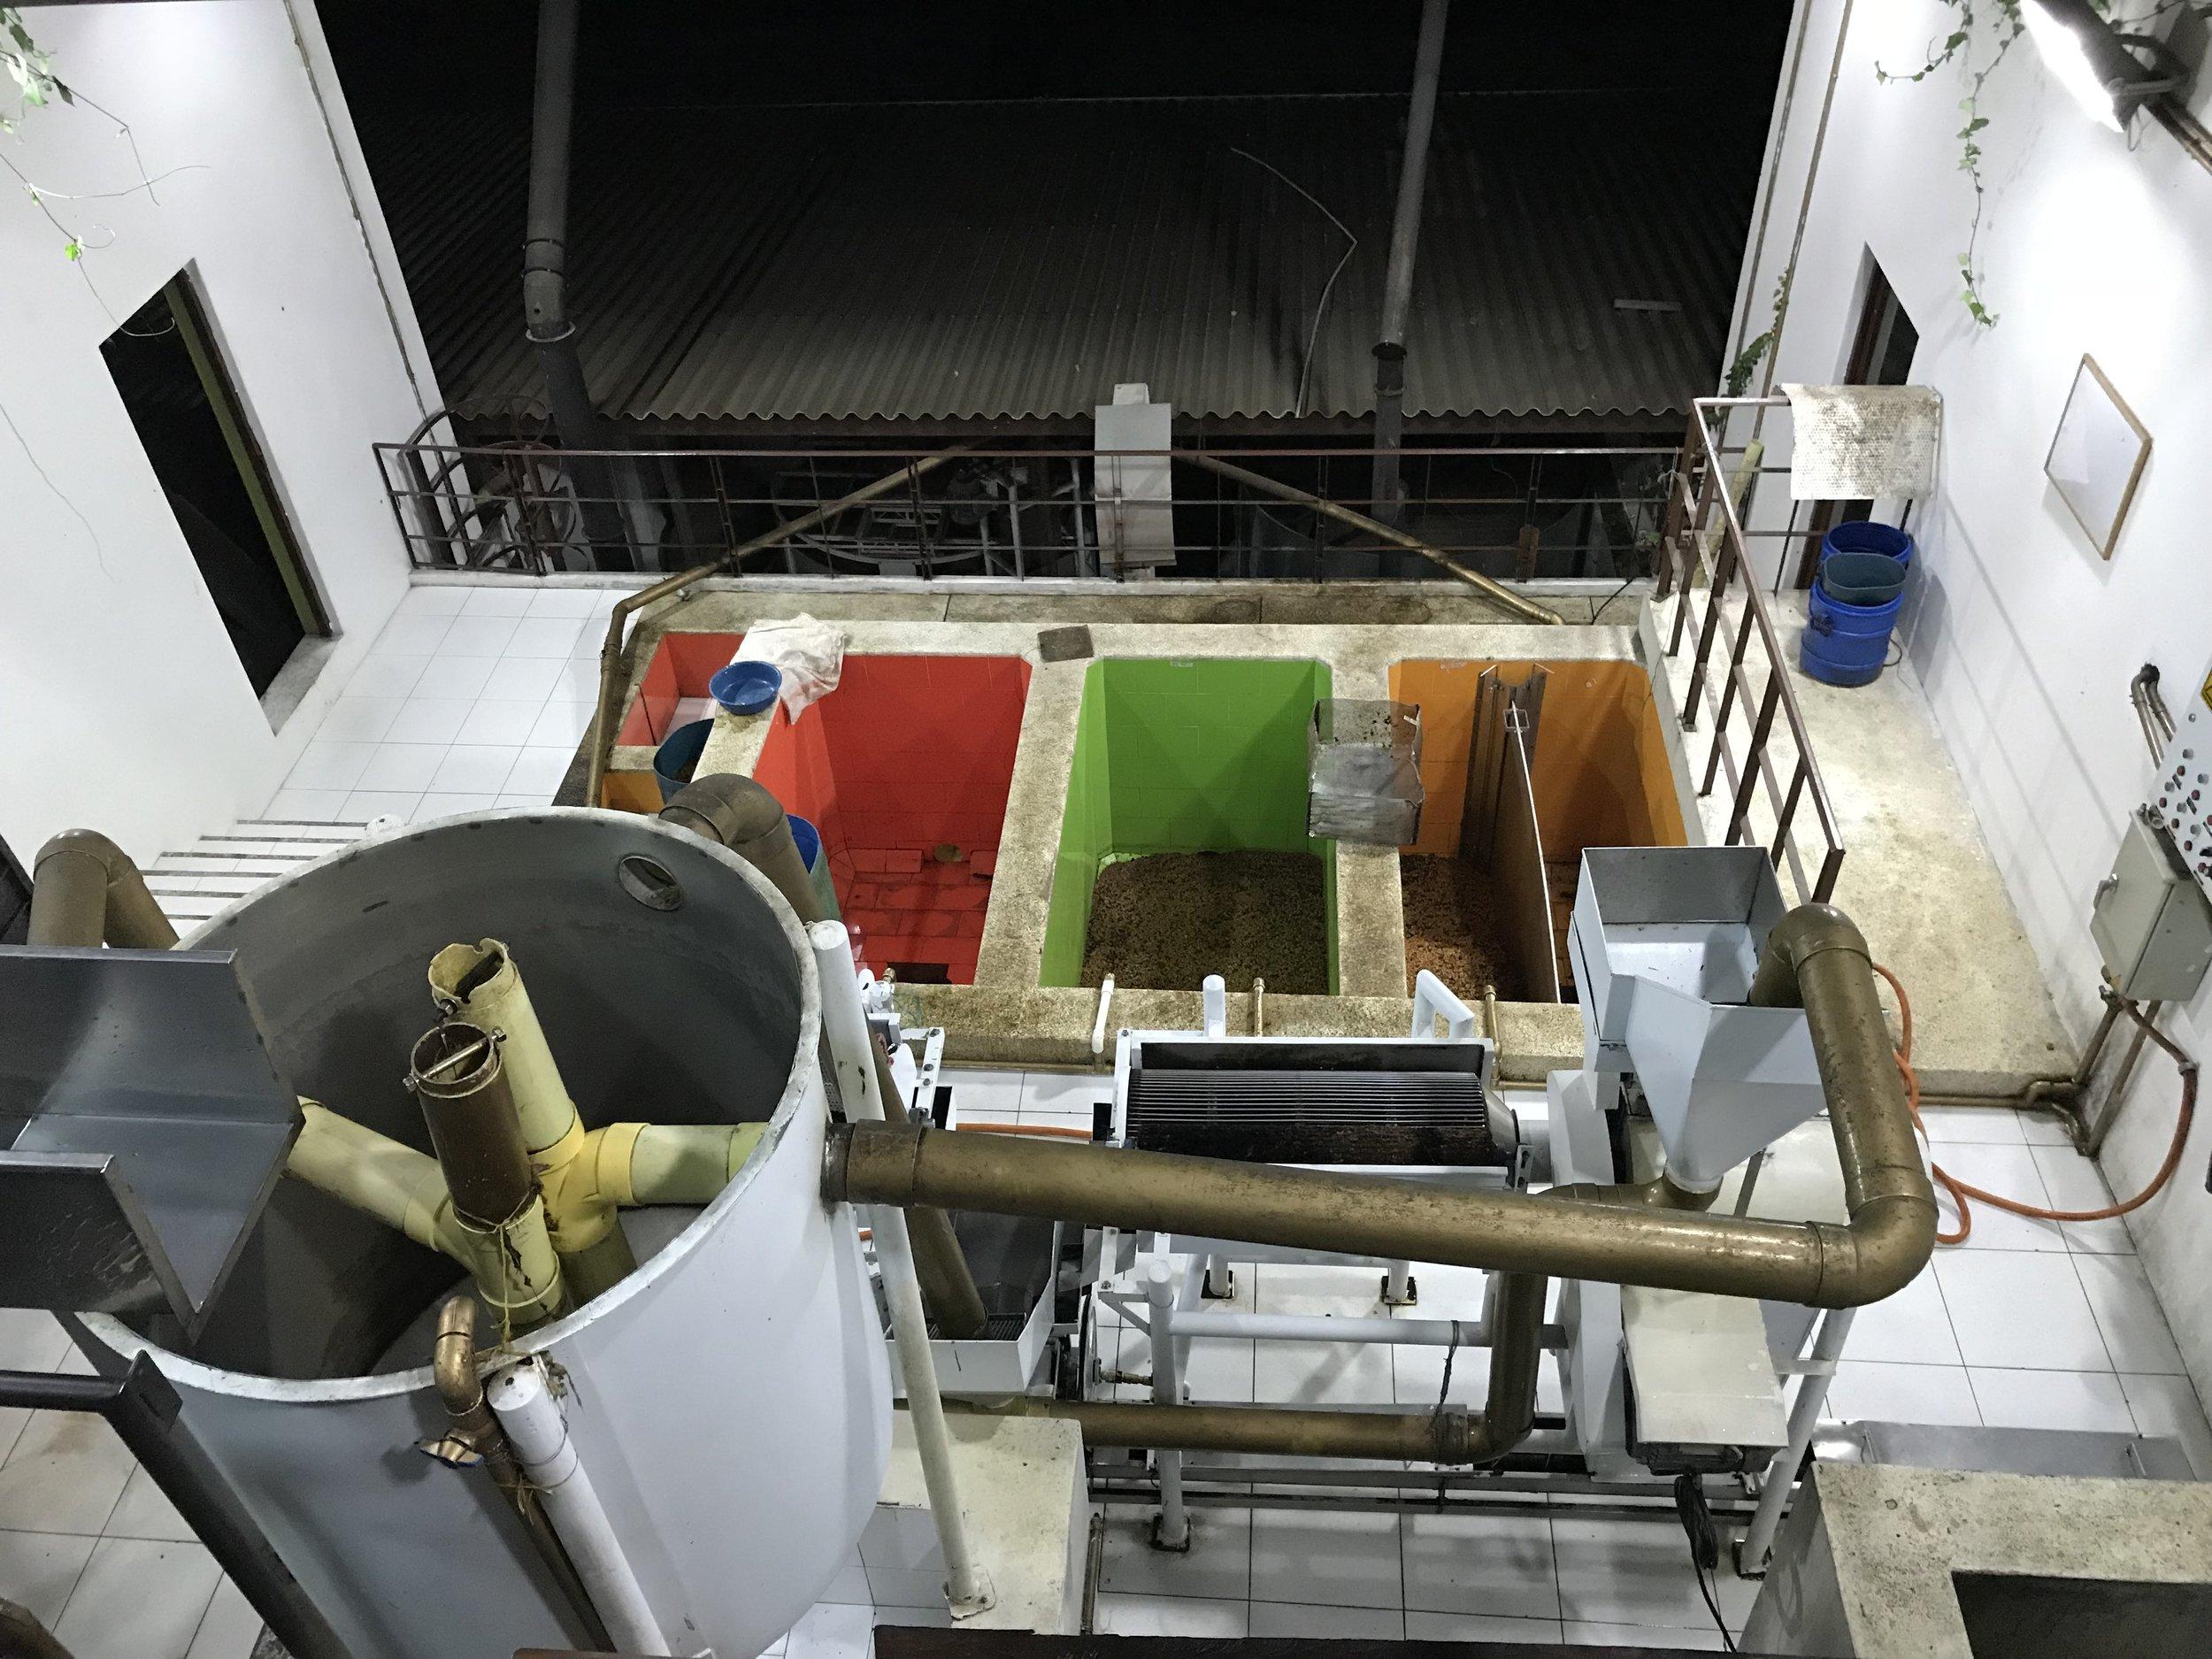 Processing facilities at La Palma y El Tucan